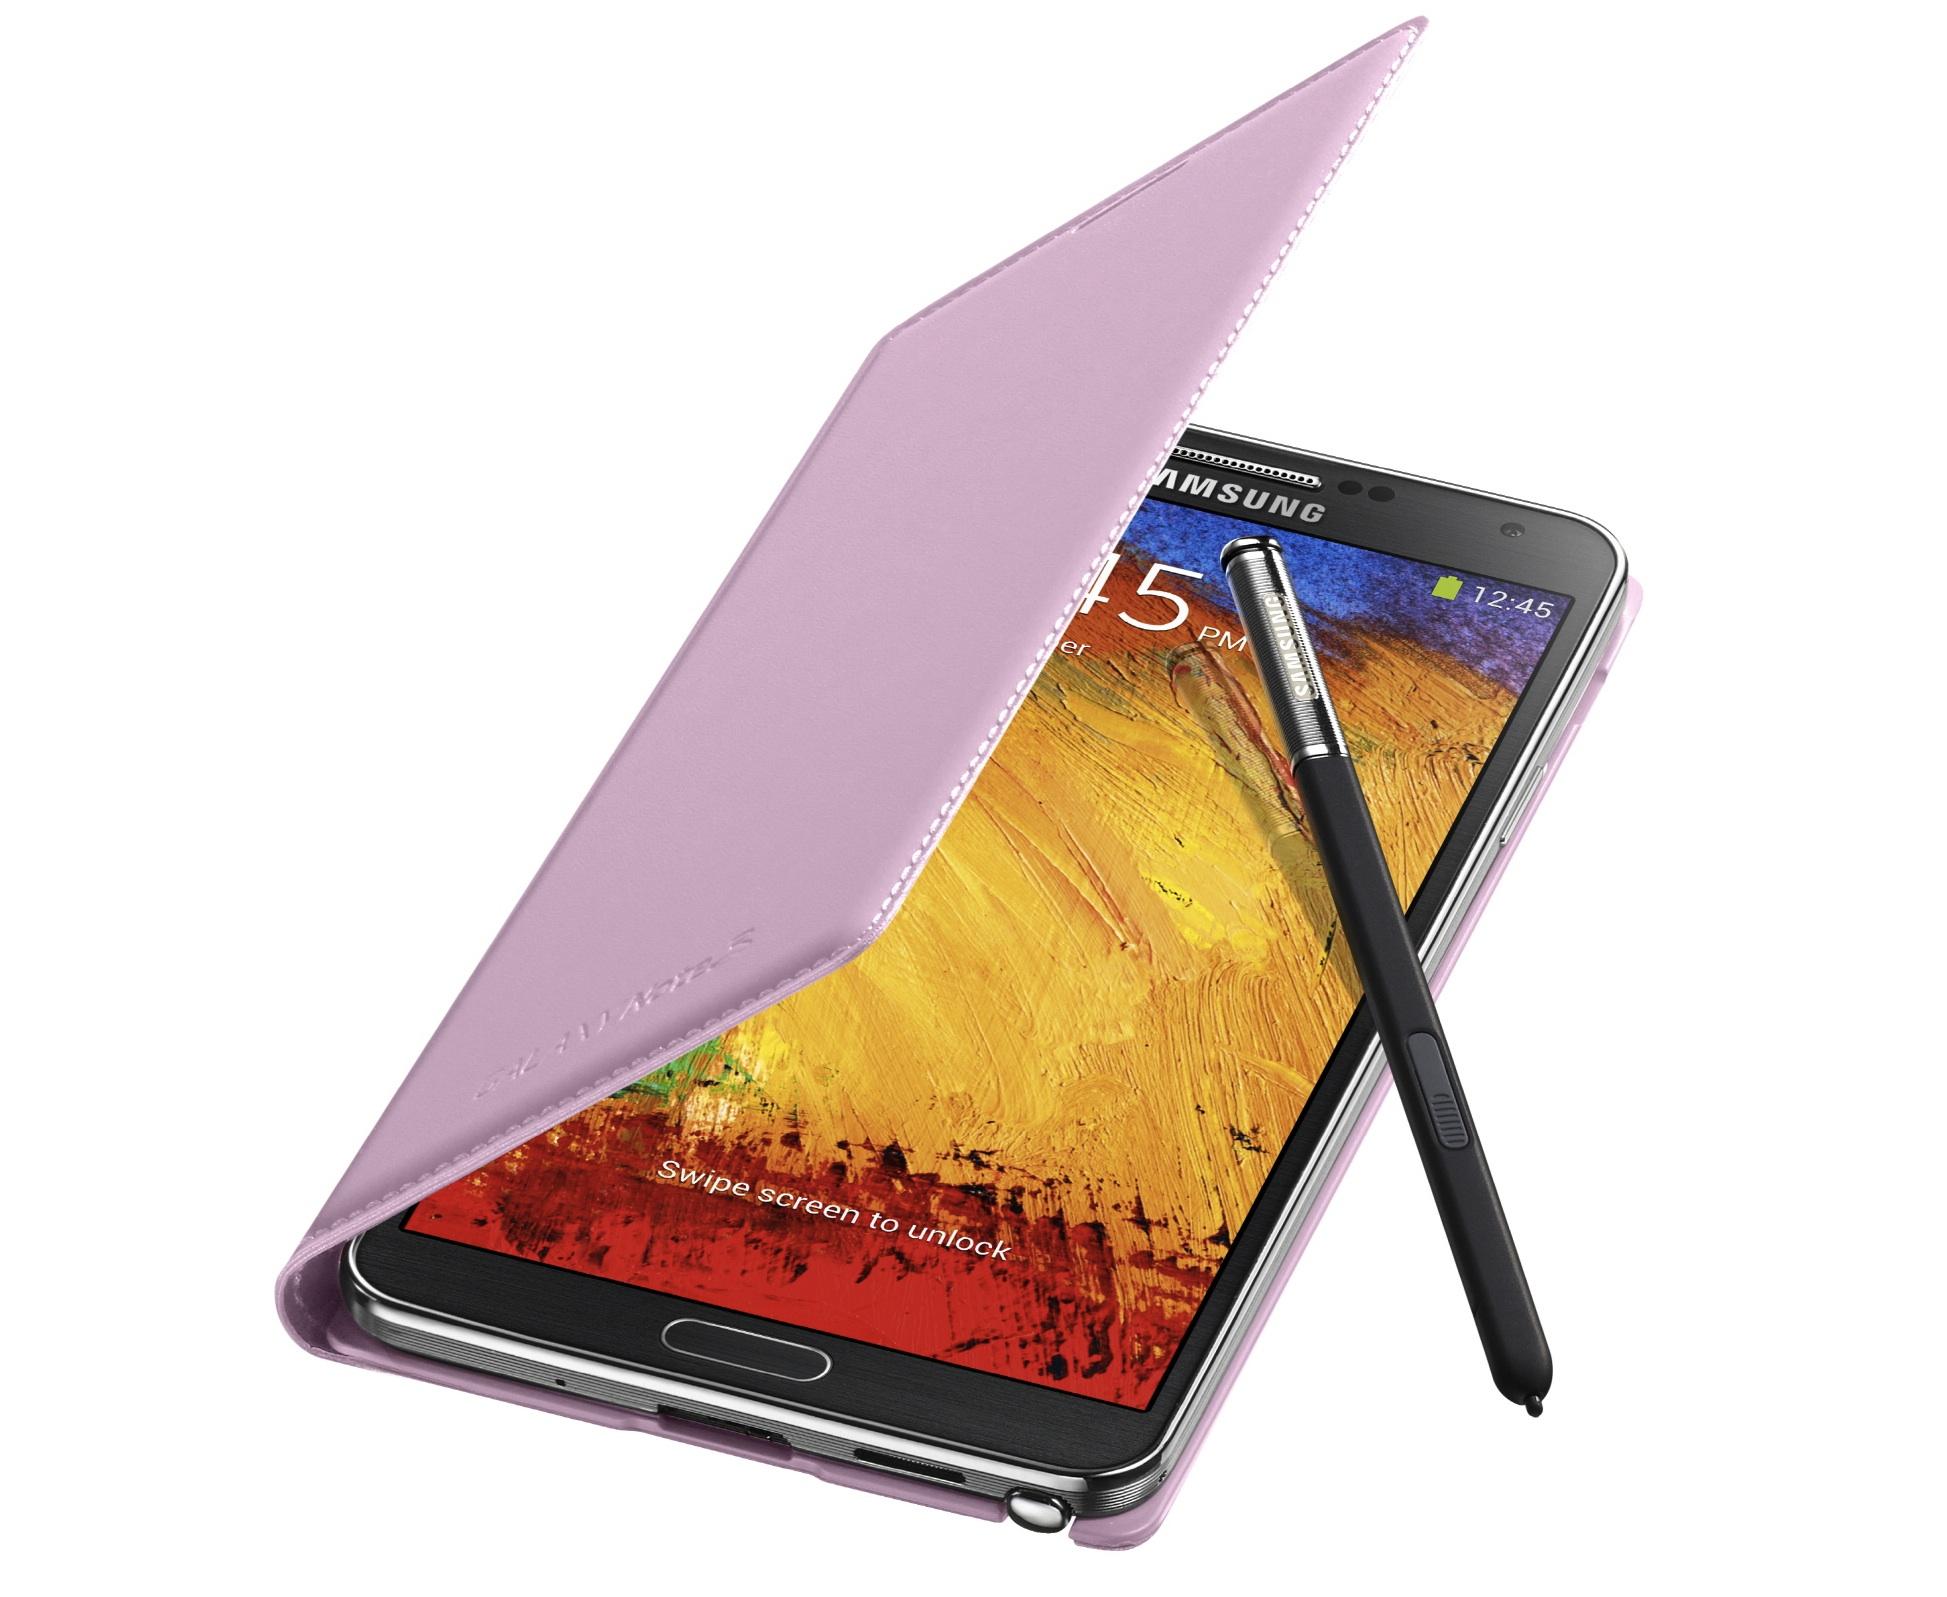 Samsung Galaxy Note Sales 38 Million